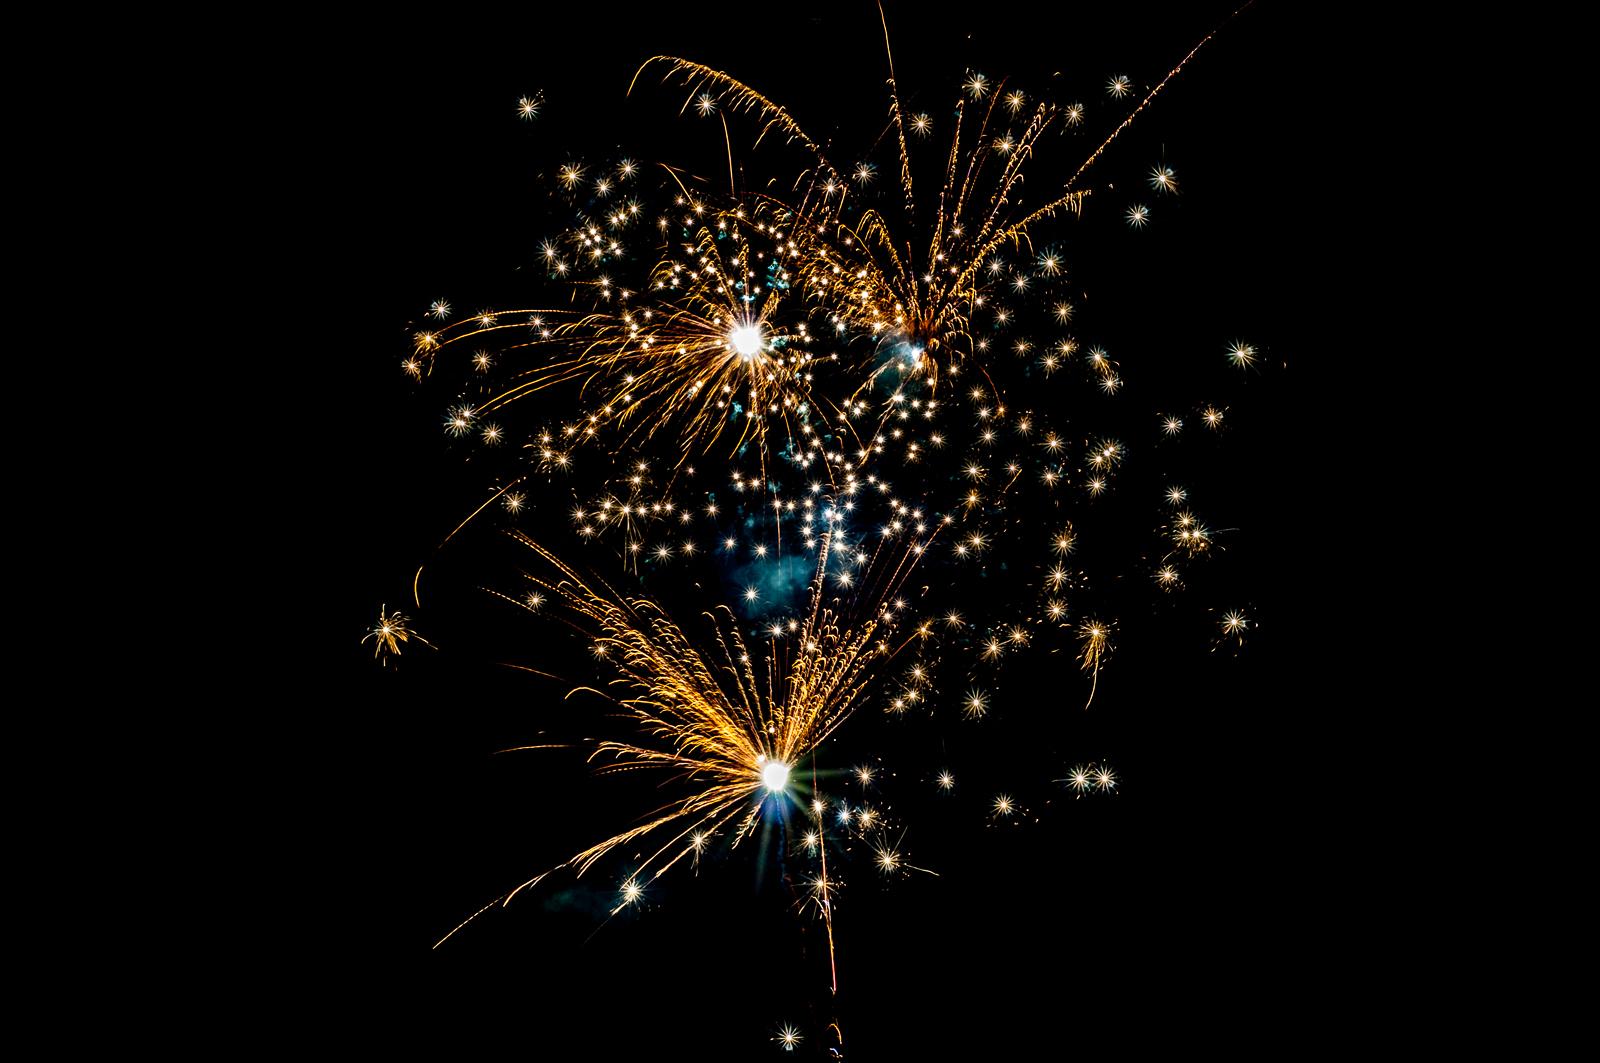 Nytår 2014 fyrværkeri 3